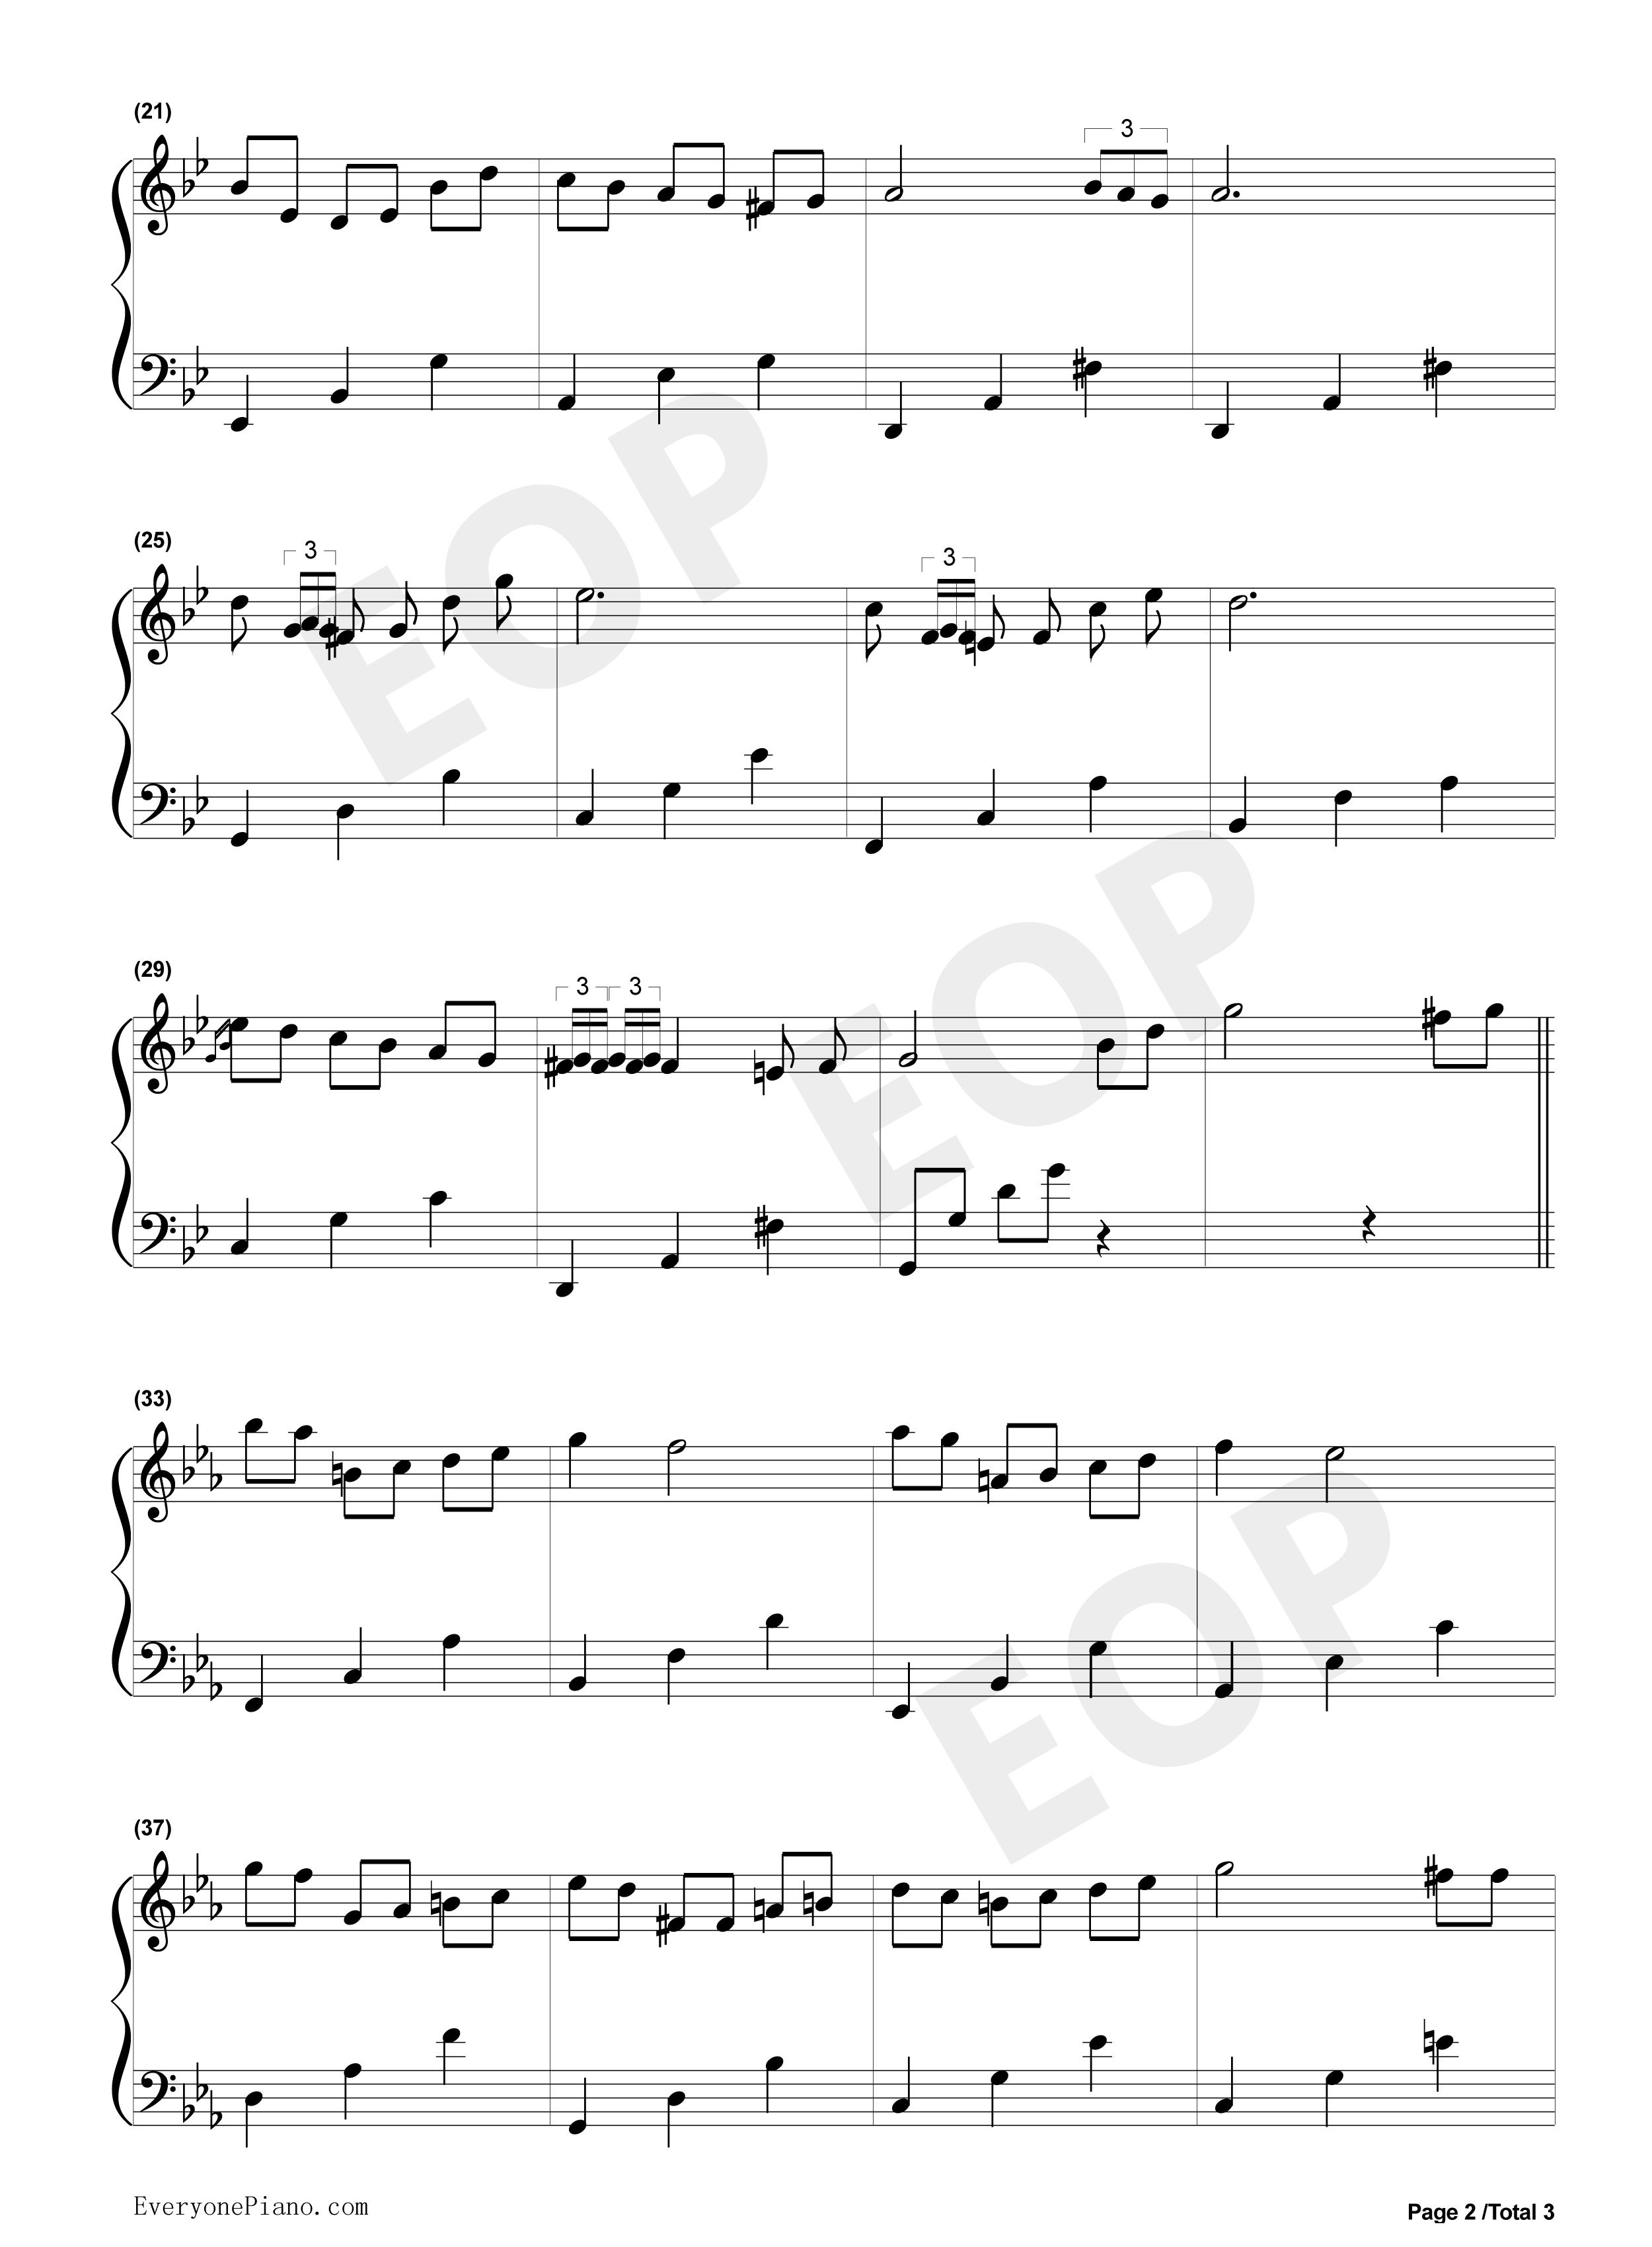 bts歌曲钢琴简谱